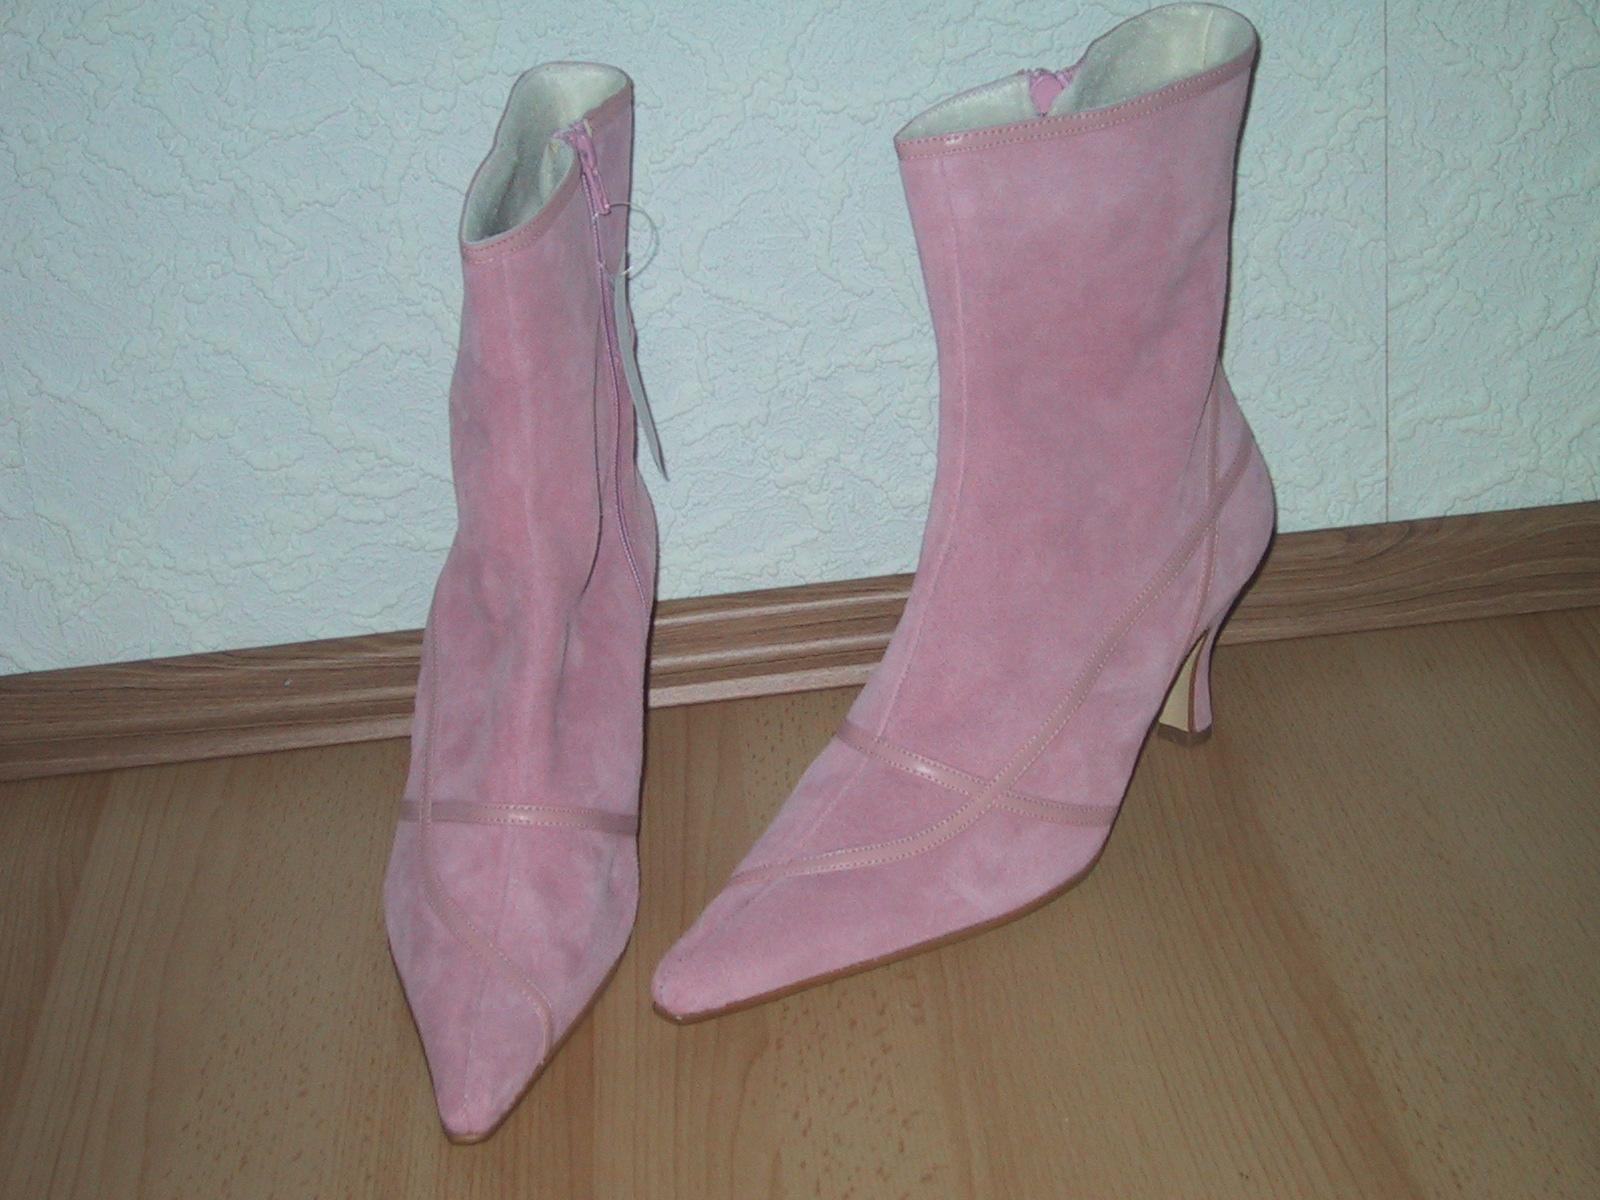 Spitze Stiefelette / Ankle Boot NEU in Gr. Warmfutter 42 rosa Veloursleder mit Warmfutter Gr. 12c288